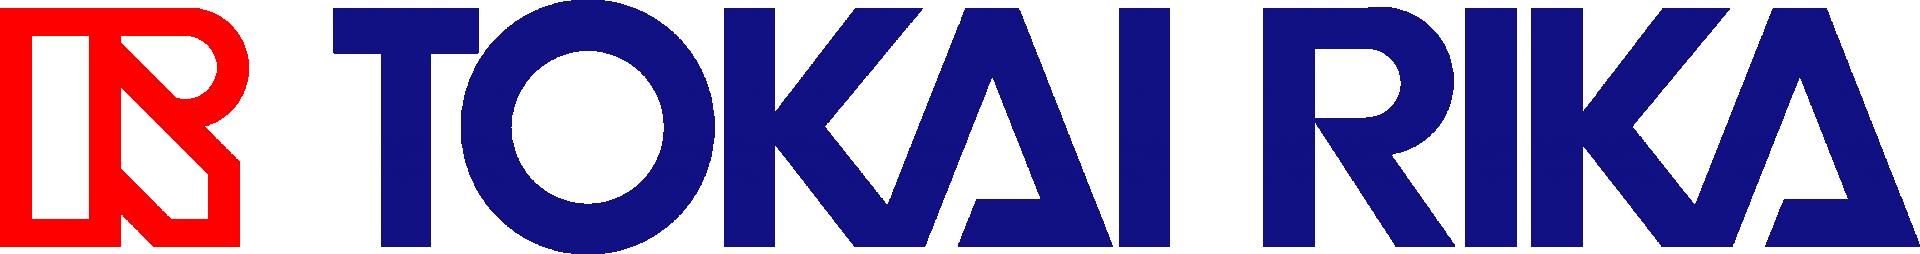 Tokai_Rika_logo.png